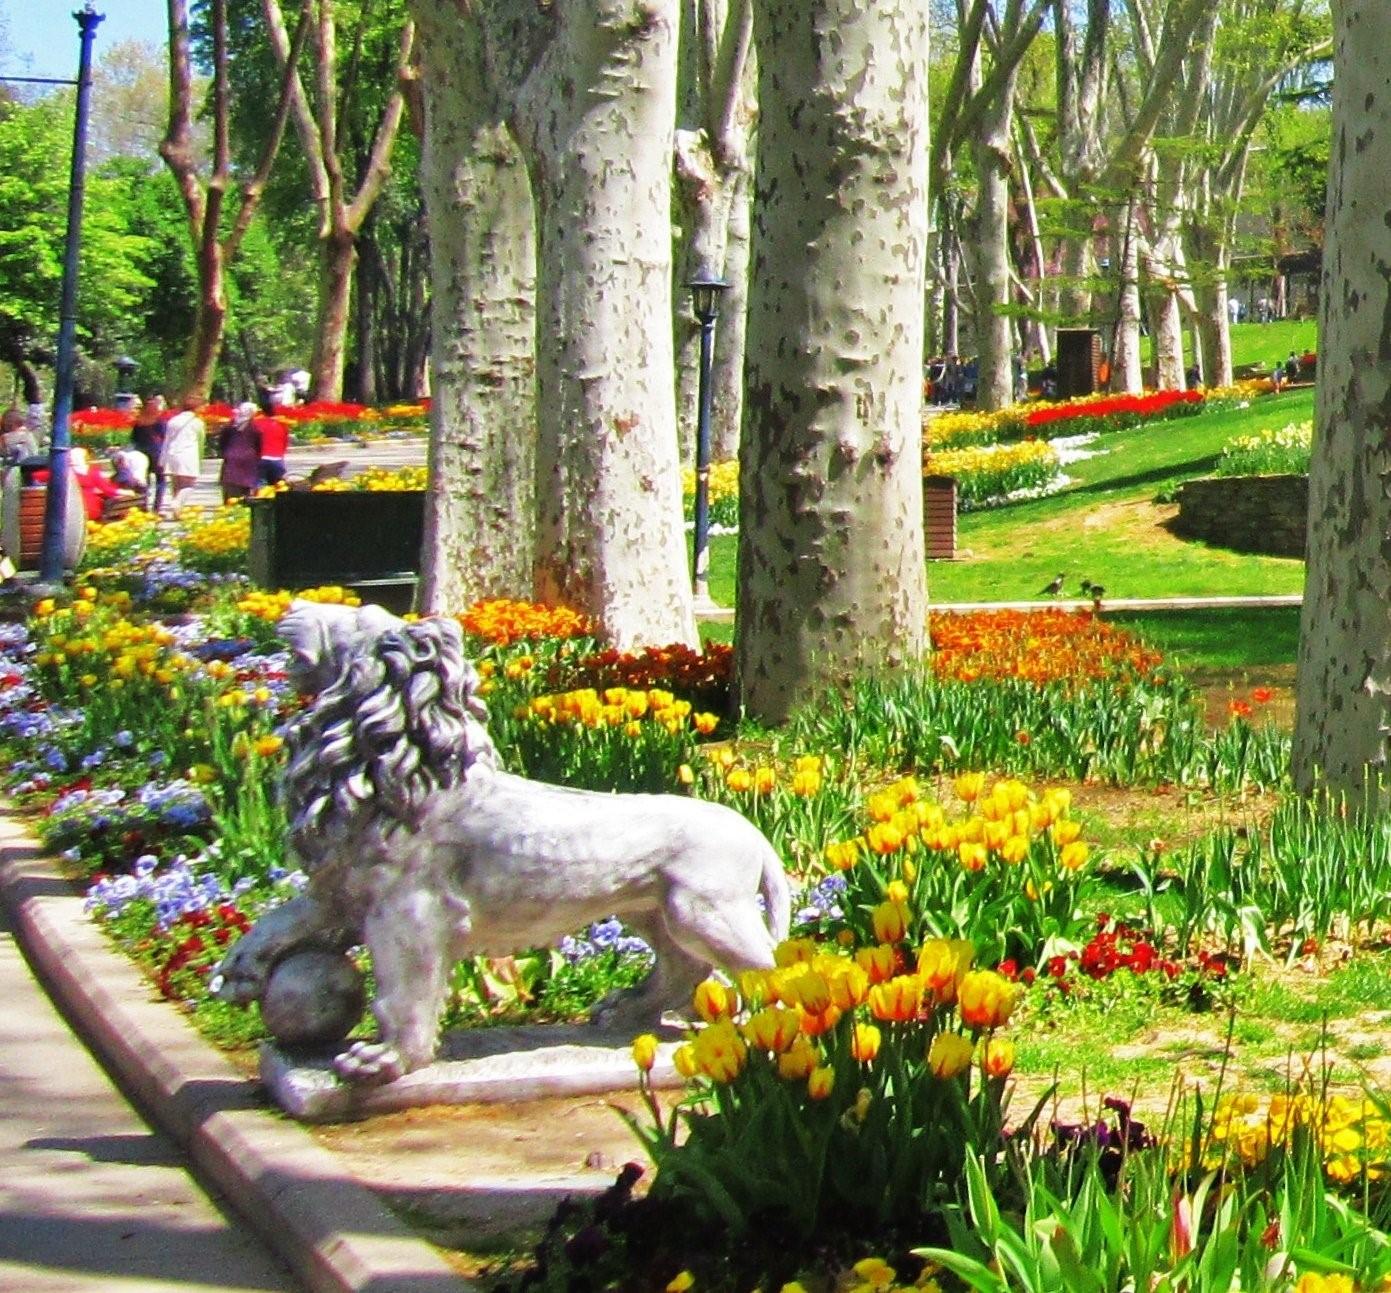 Quel Est Le Plus Beau Parc D'istanbul? Comment Peux-Je Y ... dedans Chalet De Jardin D Occasion